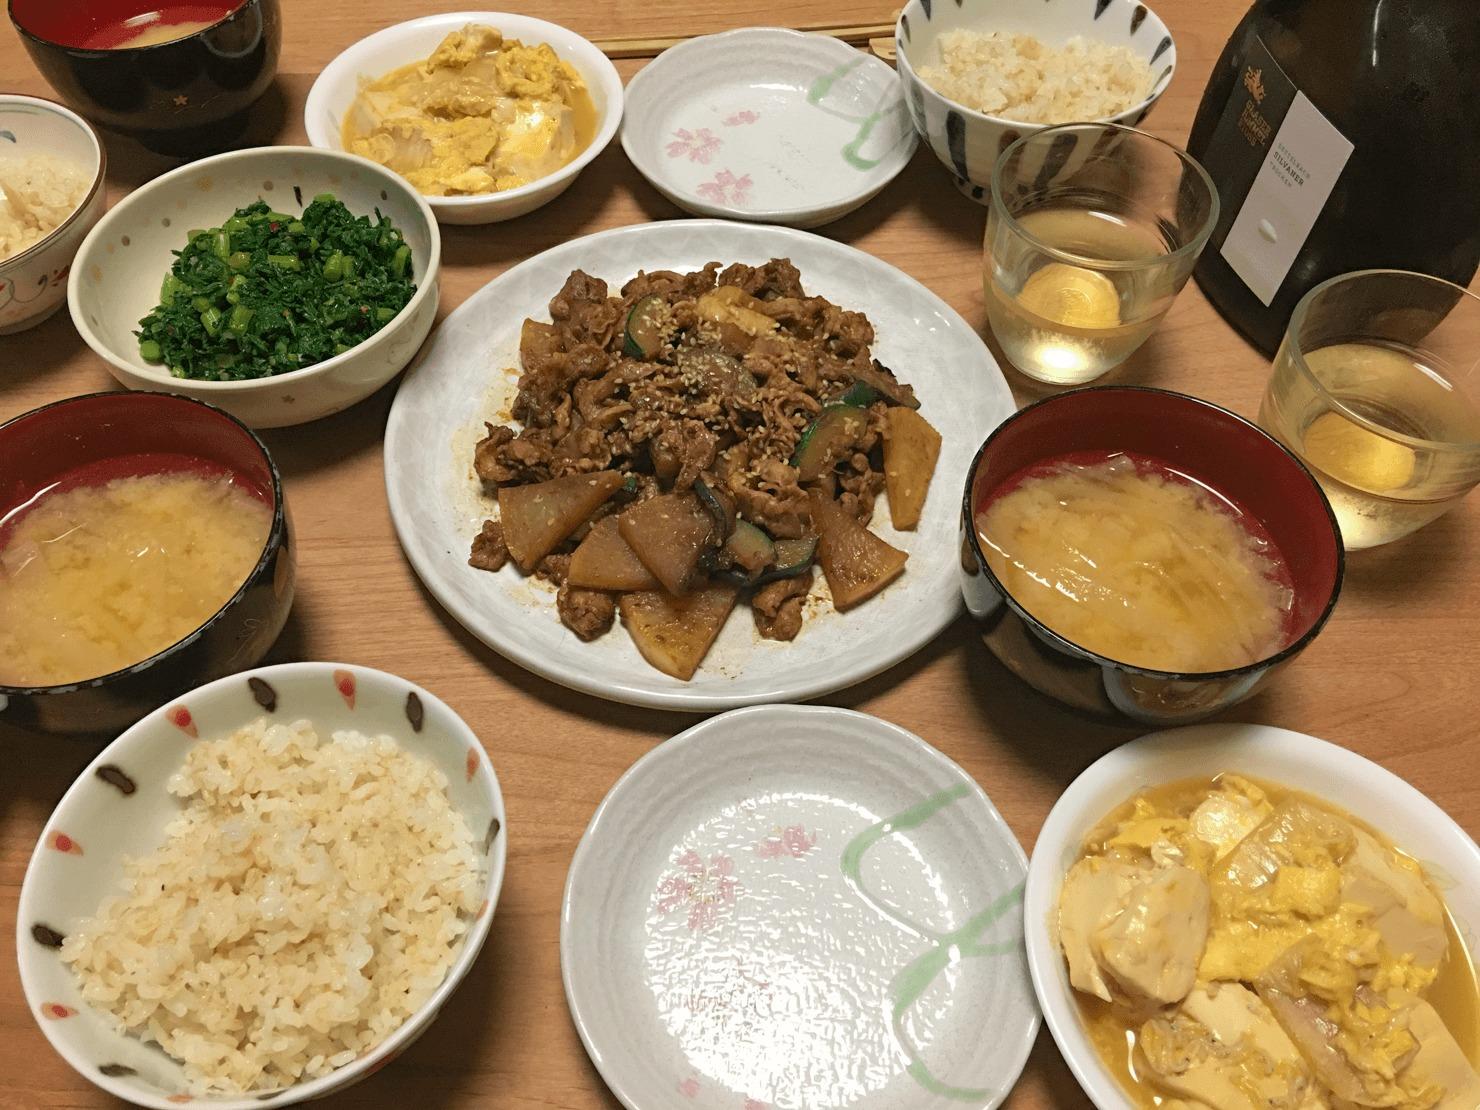 ズッキーニと大根と豚バラの甘辛みそ炒め中心の晩御飯の写真